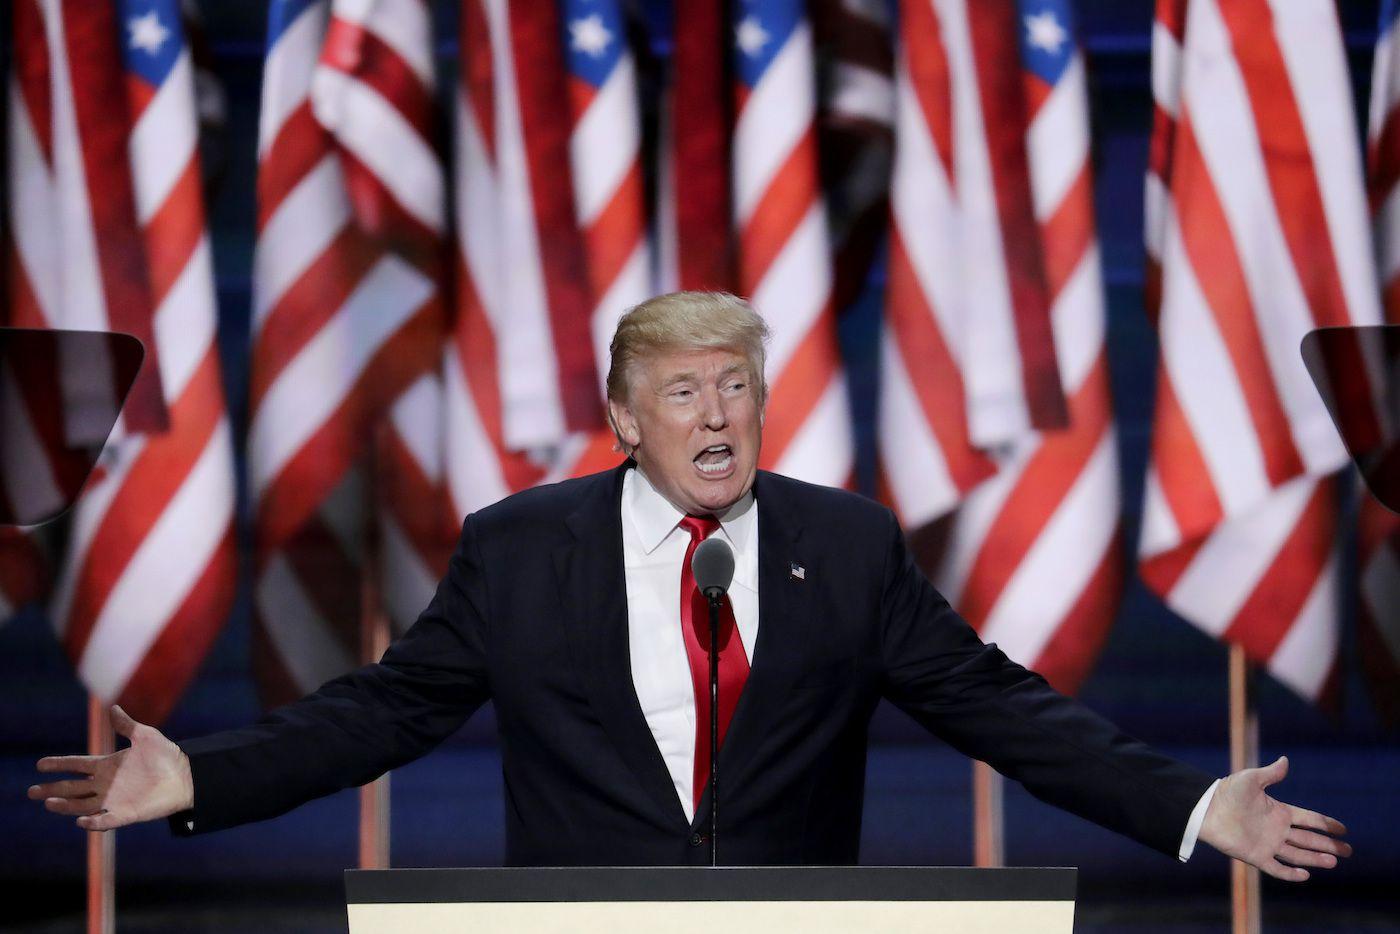 El empresario Donald J. Trump aceptó el jueves por la noche la nominación del partido republicano para contender por la presidencia de Estados Unidos. (AP)